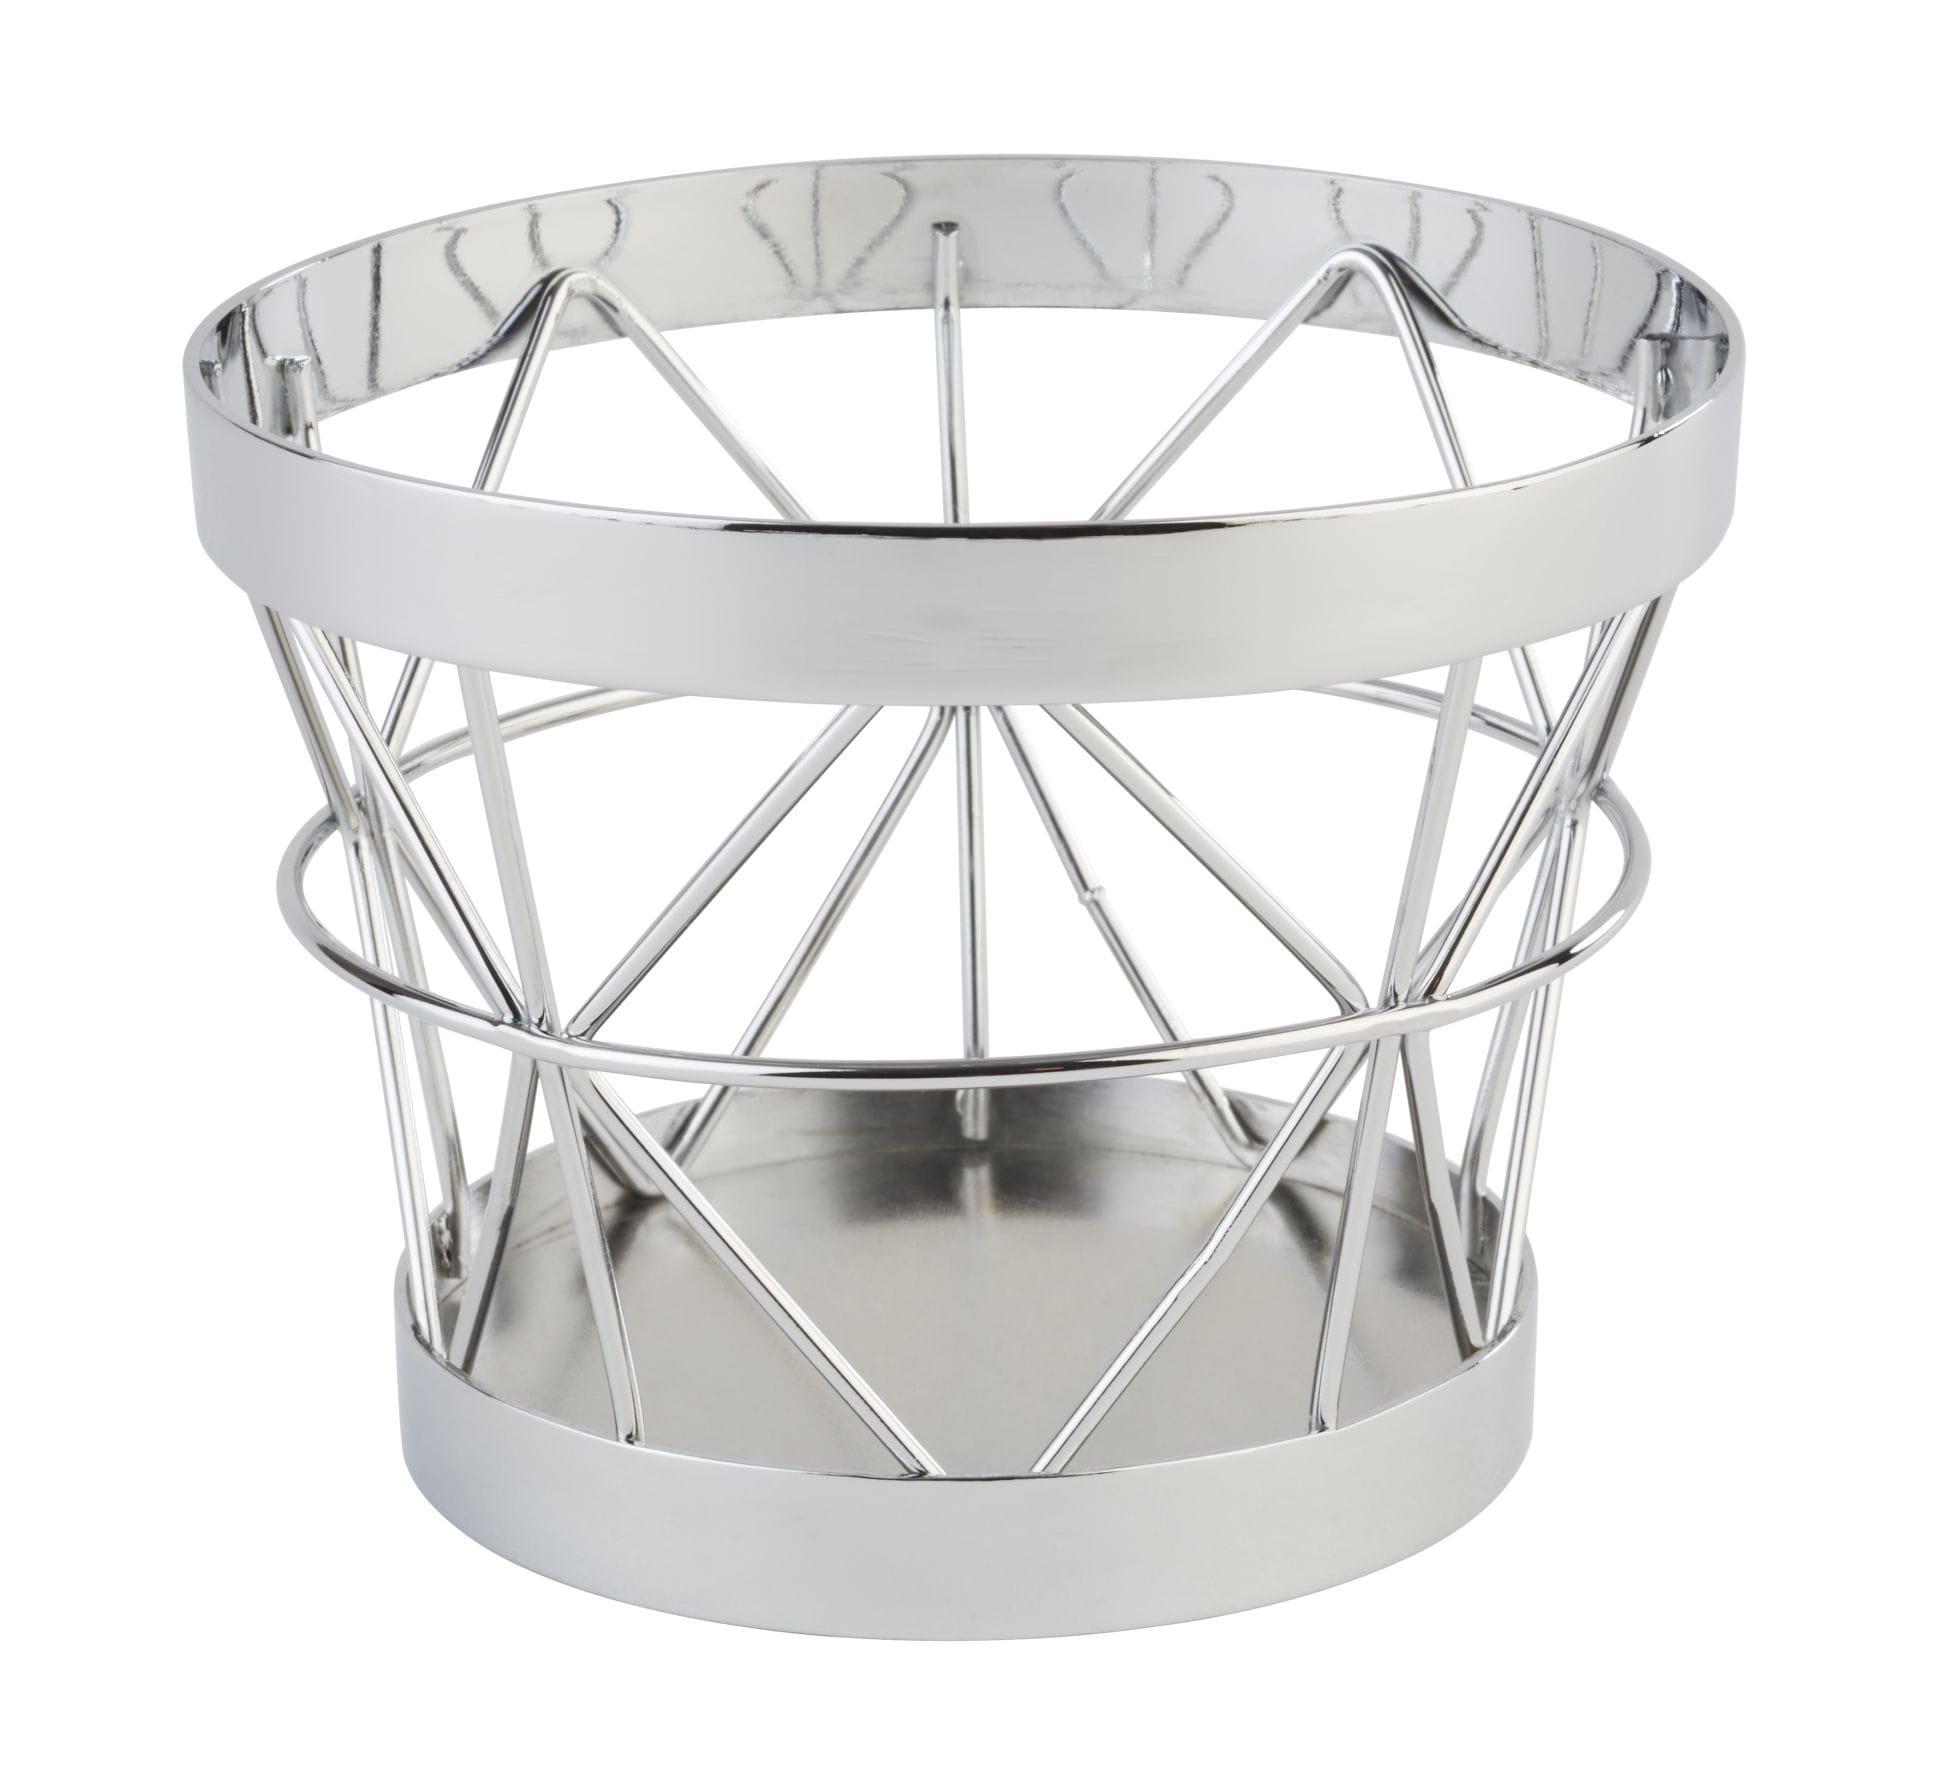 Koszyk okrągły metalowy chrom | APS 15320